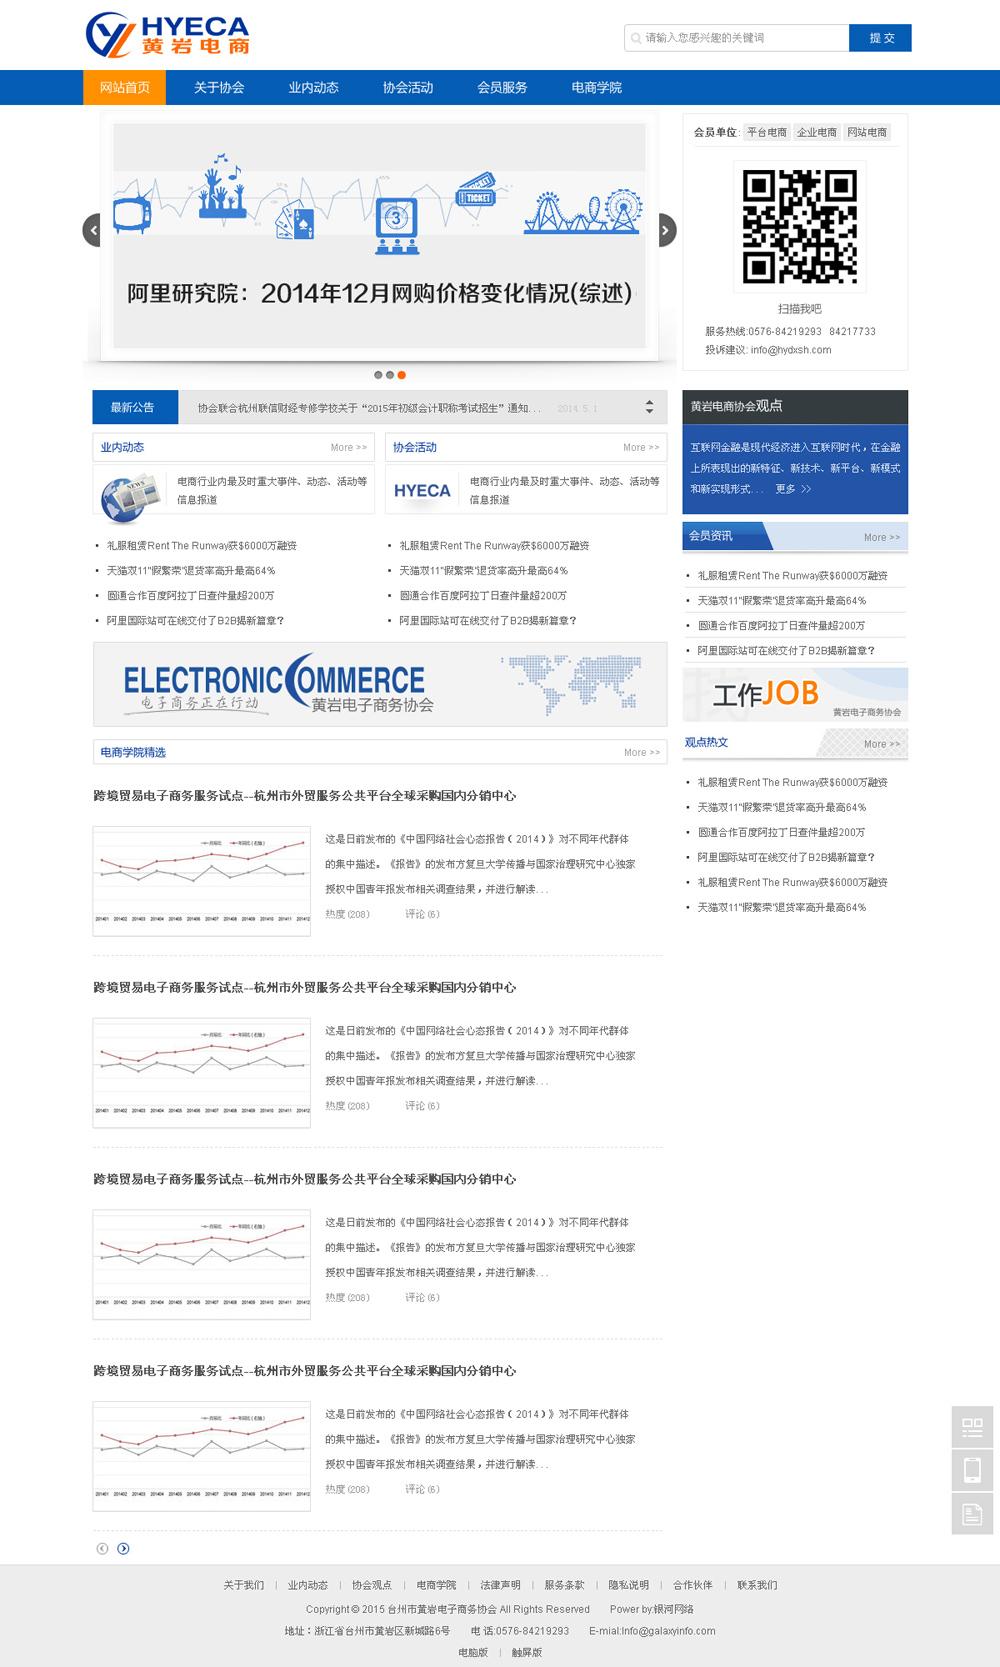 台州市黄岩电子商务协会